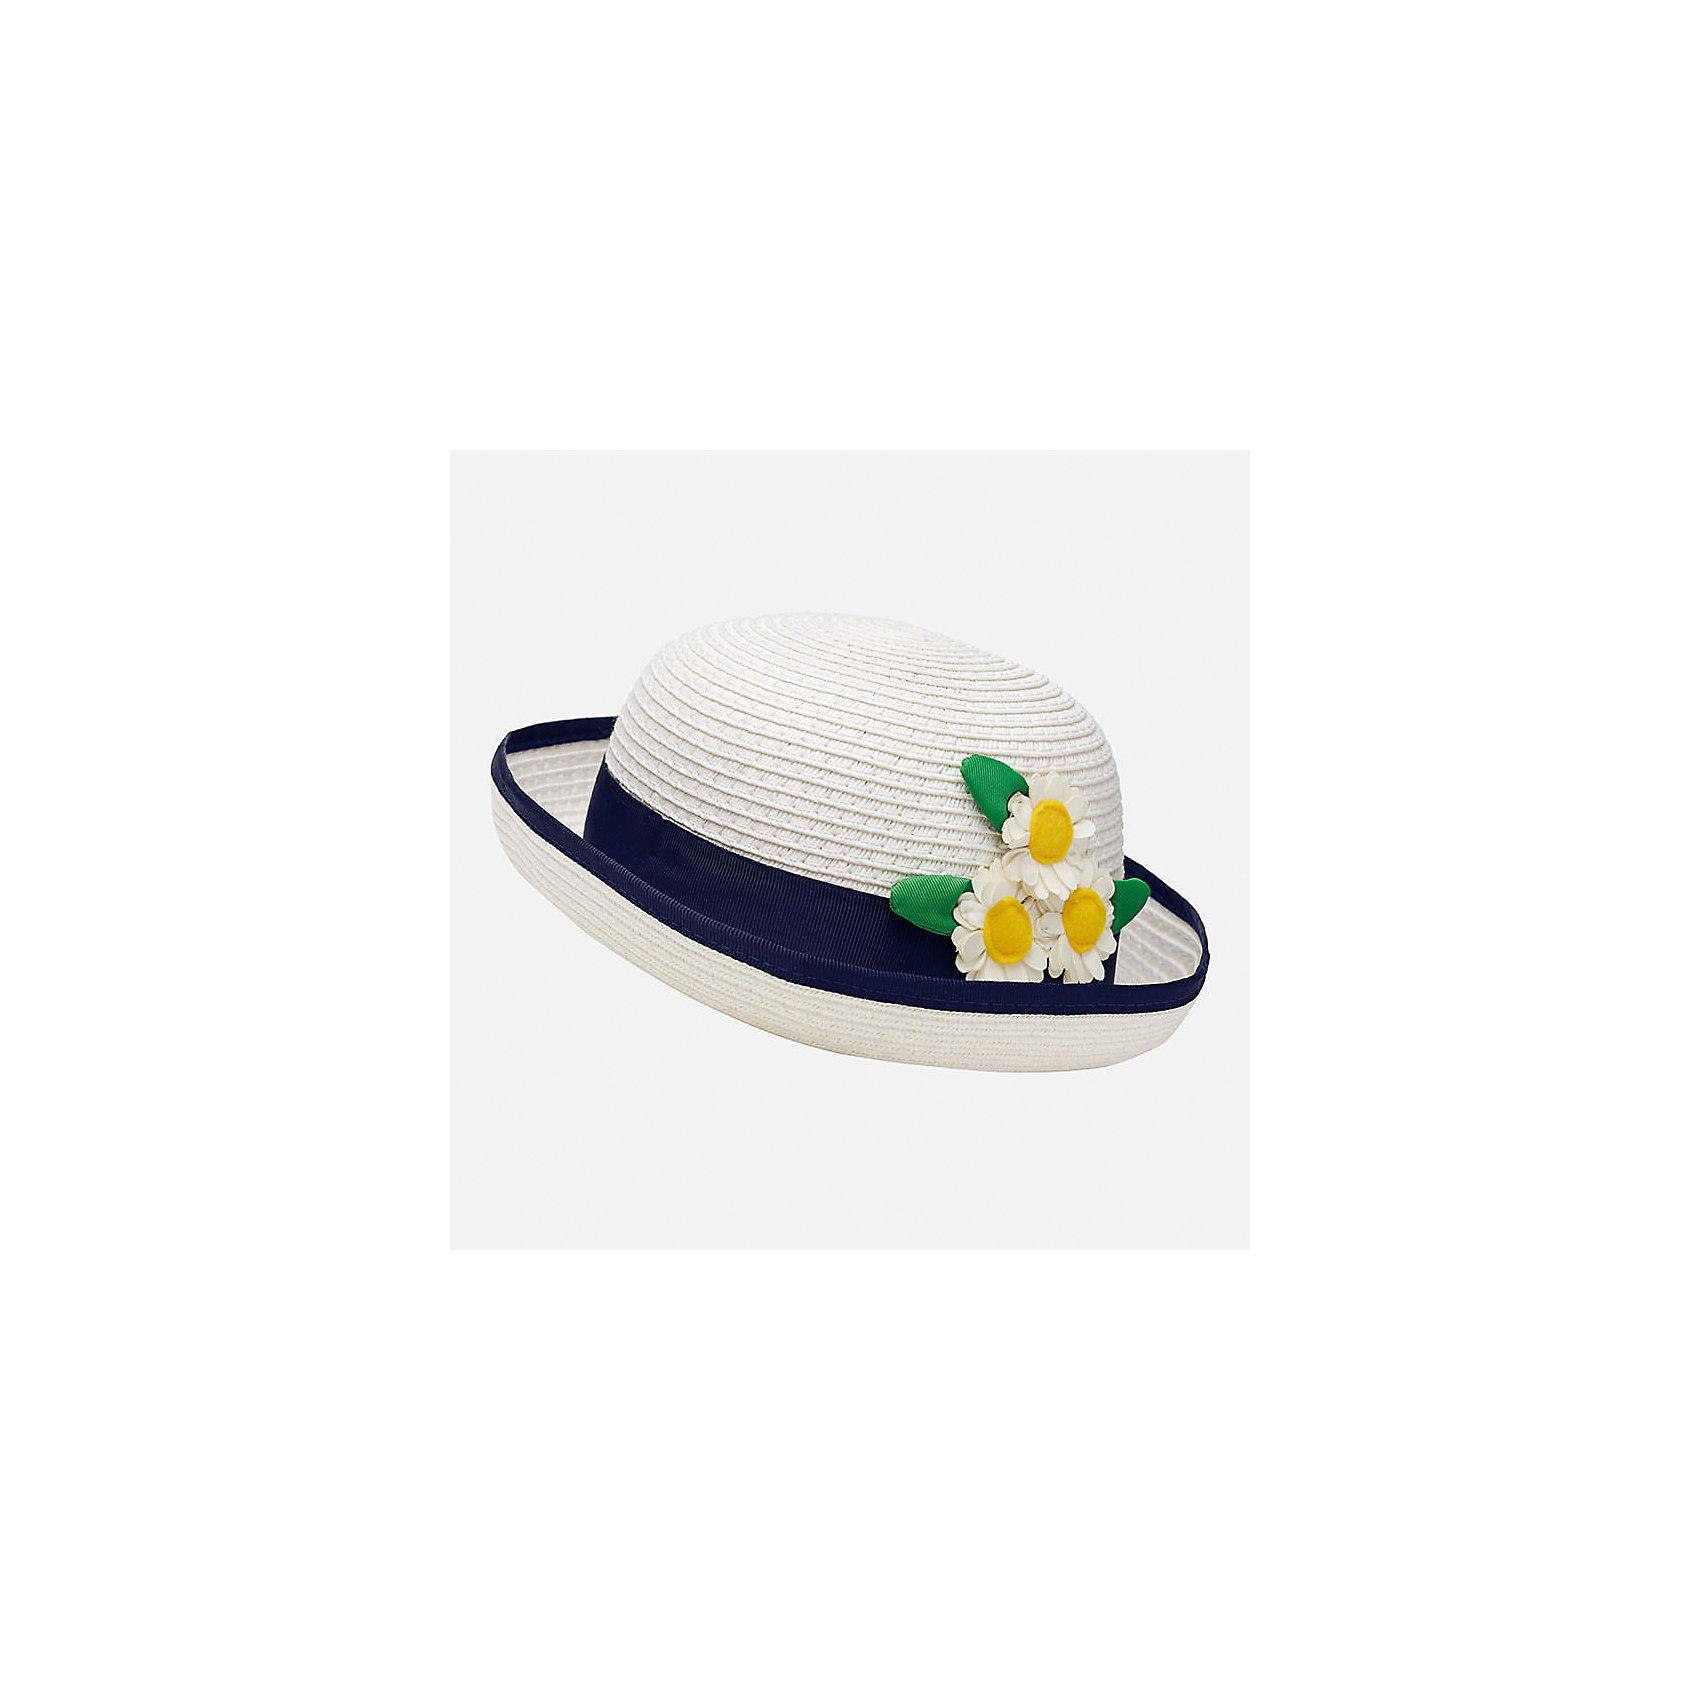 Шляпа для девочки MayoralЛетние<br>Характеристики товара:<br><br>• цвет: белый/синий<br>• состав: 100% бумага<br>• контрастная окантовка<br>• дышащая фактура<br>• декорирована лентой и текстильными цветами<br>• страна бренда: Испания<br><br>Красивая легкая шляпа для девочки поможет обеспечить ребенку защиту от солнца и дополнить наряд. Универсальный цвет позволяет надевать её под наряды различных расцветок. Шляпа удобно сидит и красиво смотрится. <br><br>Одежда, обувь и аксессуары от испанского бренда Mayoral полюбились детям и взрослым по всему миру. Модели этой марки - стильные и удобные. Для их производства используются только безопасные, качественные материалы и фурнитура. Порадуйте ребенка модными и красивыми вещами от Mayoral! <br><br>Шляпу для девочки от испанского бренда Mayoral (Майорал) можно купить в нашем интернет-магазине.<br><br>Ширина мм: 89<br>Глубина мм: 117<br>Высота мм: 44<br>Вес г: 155<br>Цвет: белый<br>Возраст от месяцев: 24<br>Возраст до месяцев: 36<br>Пол: Женский<br>Возраст: Детский<br>Размер: 50,48<br>SKU: 5293403